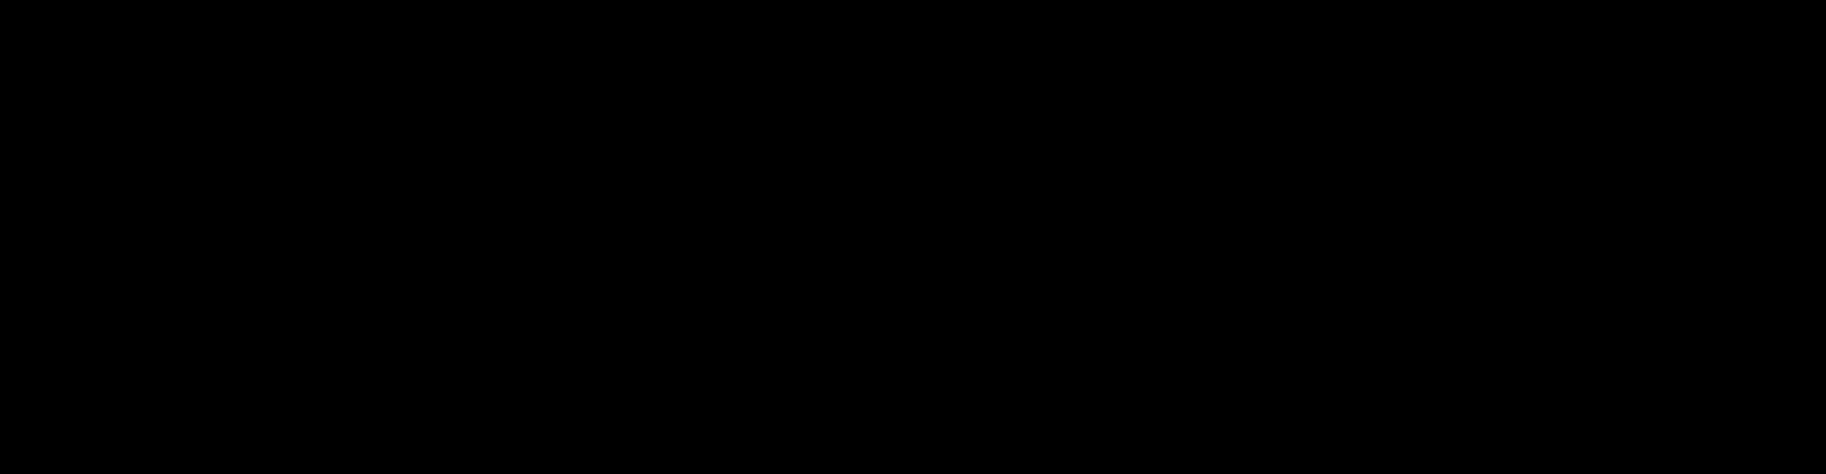 DXP black